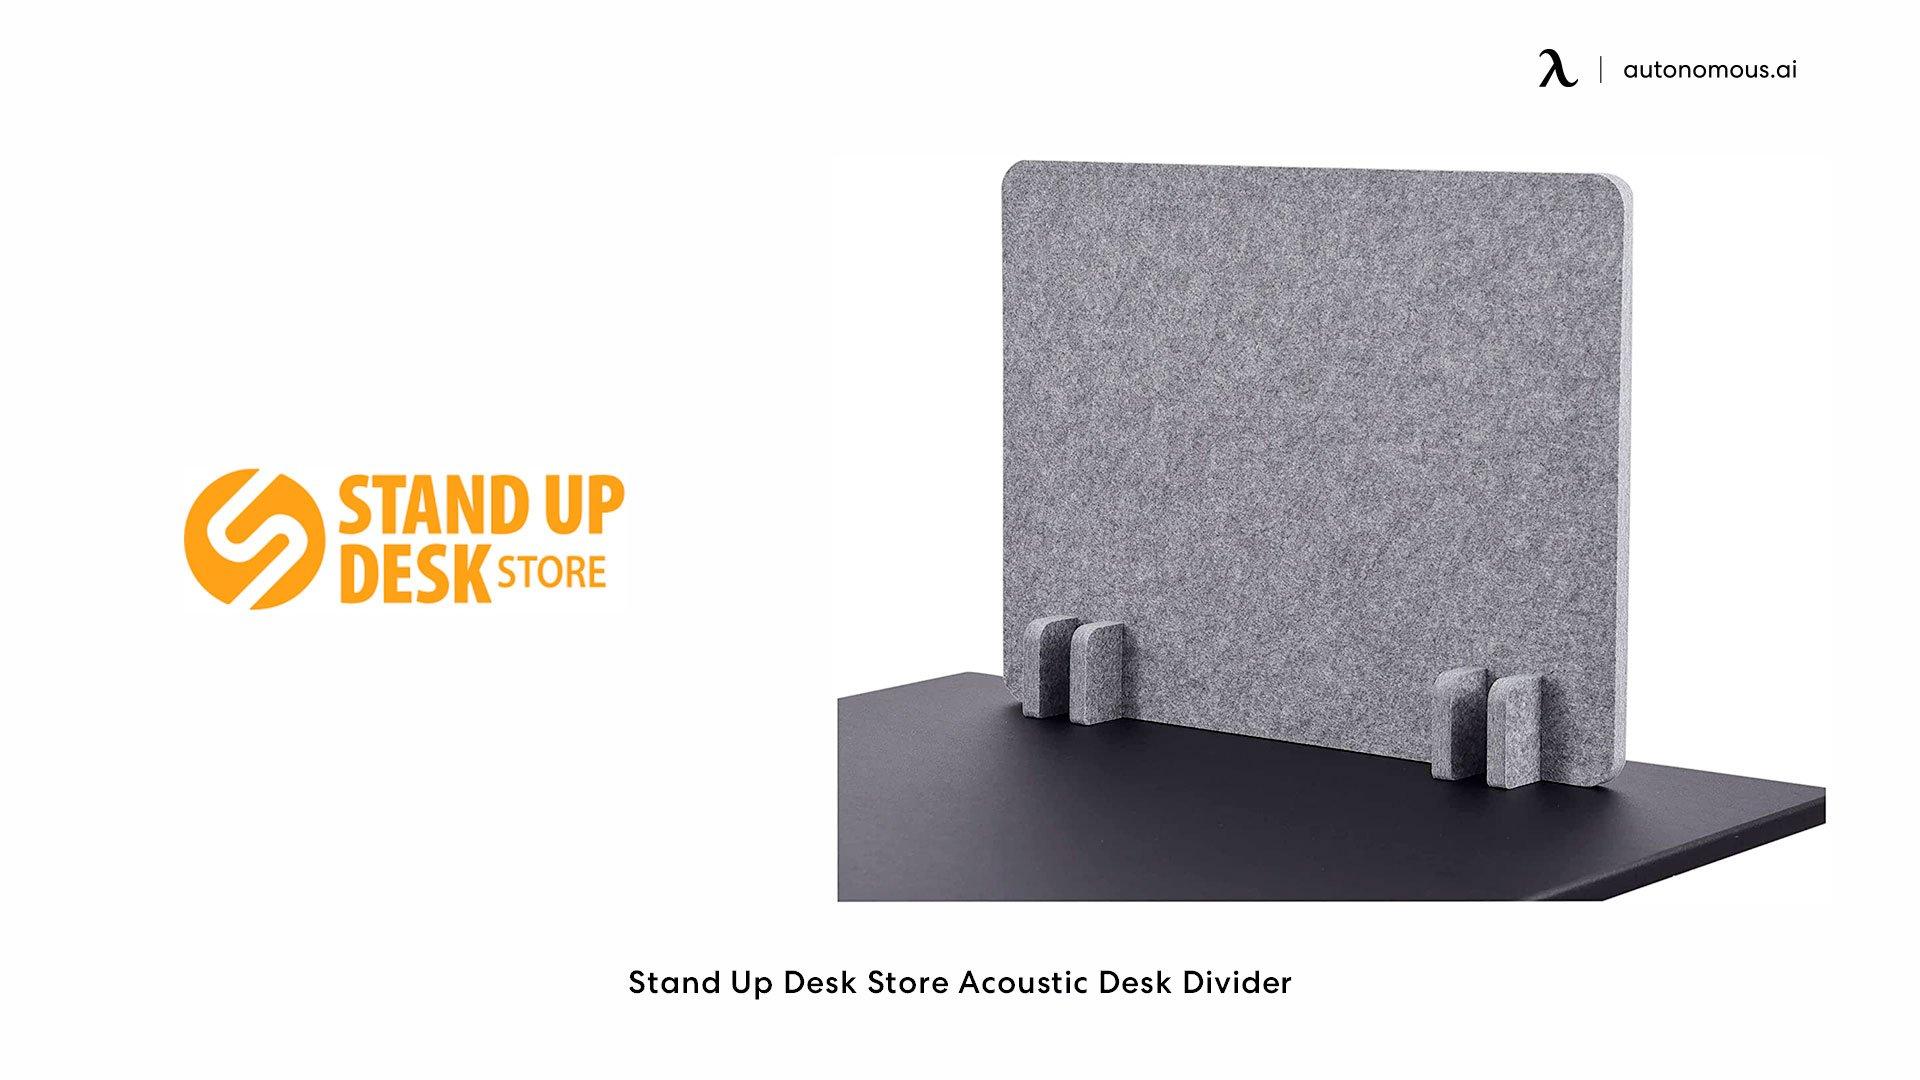 Stand Up Desk Store Acoustic Desk Divider